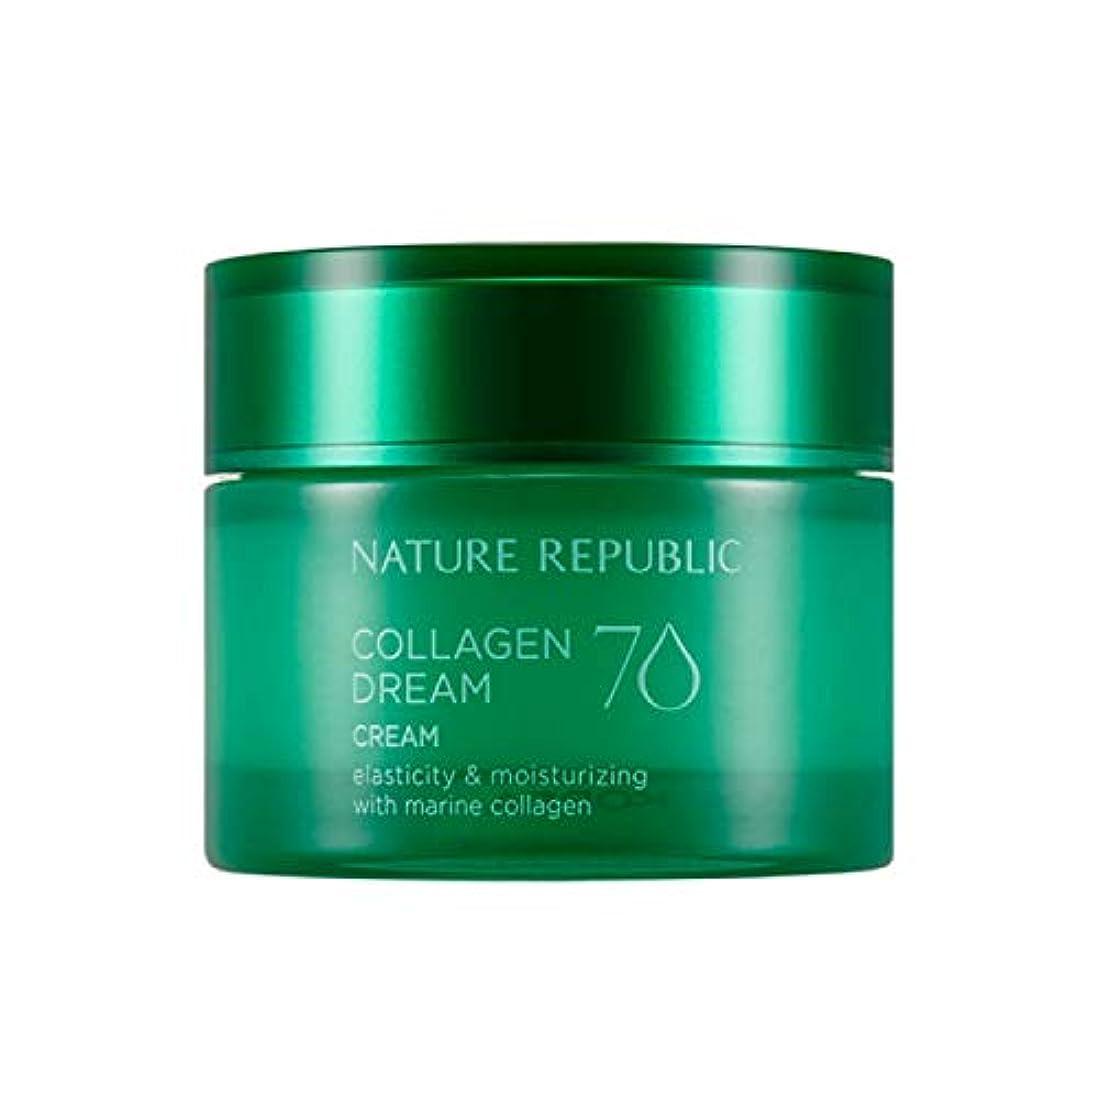 ナサニエル区願望分布ネイチャーリパブリック(Nature Republic)コラーゲンドリーム70クリーム 50ml / Collagen Dream 70 Cream 50ml :: 韓国コスメ [並行輸入品]